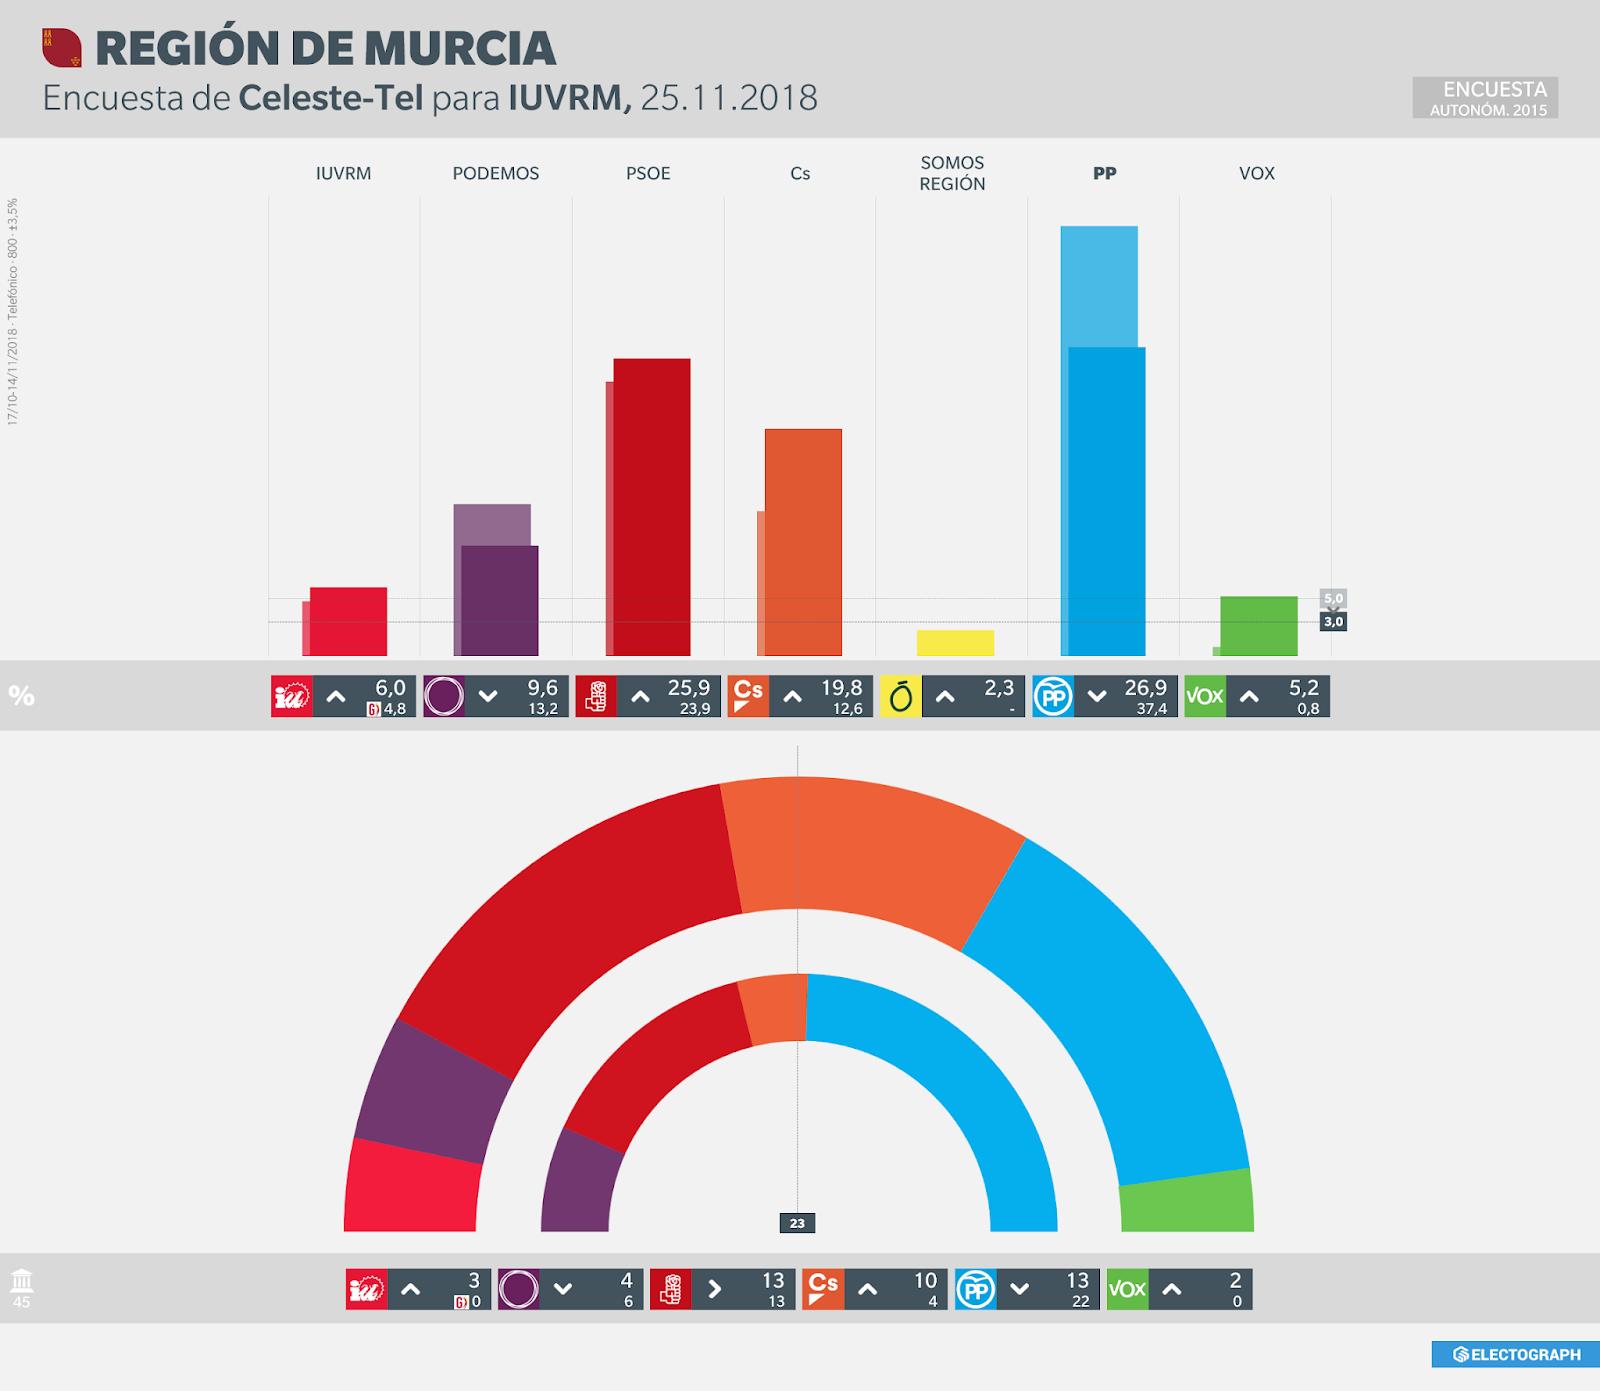 Gráfico de la encuesta para elecciones autonómicas en la Región de Murcia realizada por Celeste-Tel para IUVRM en noviembre de 2018